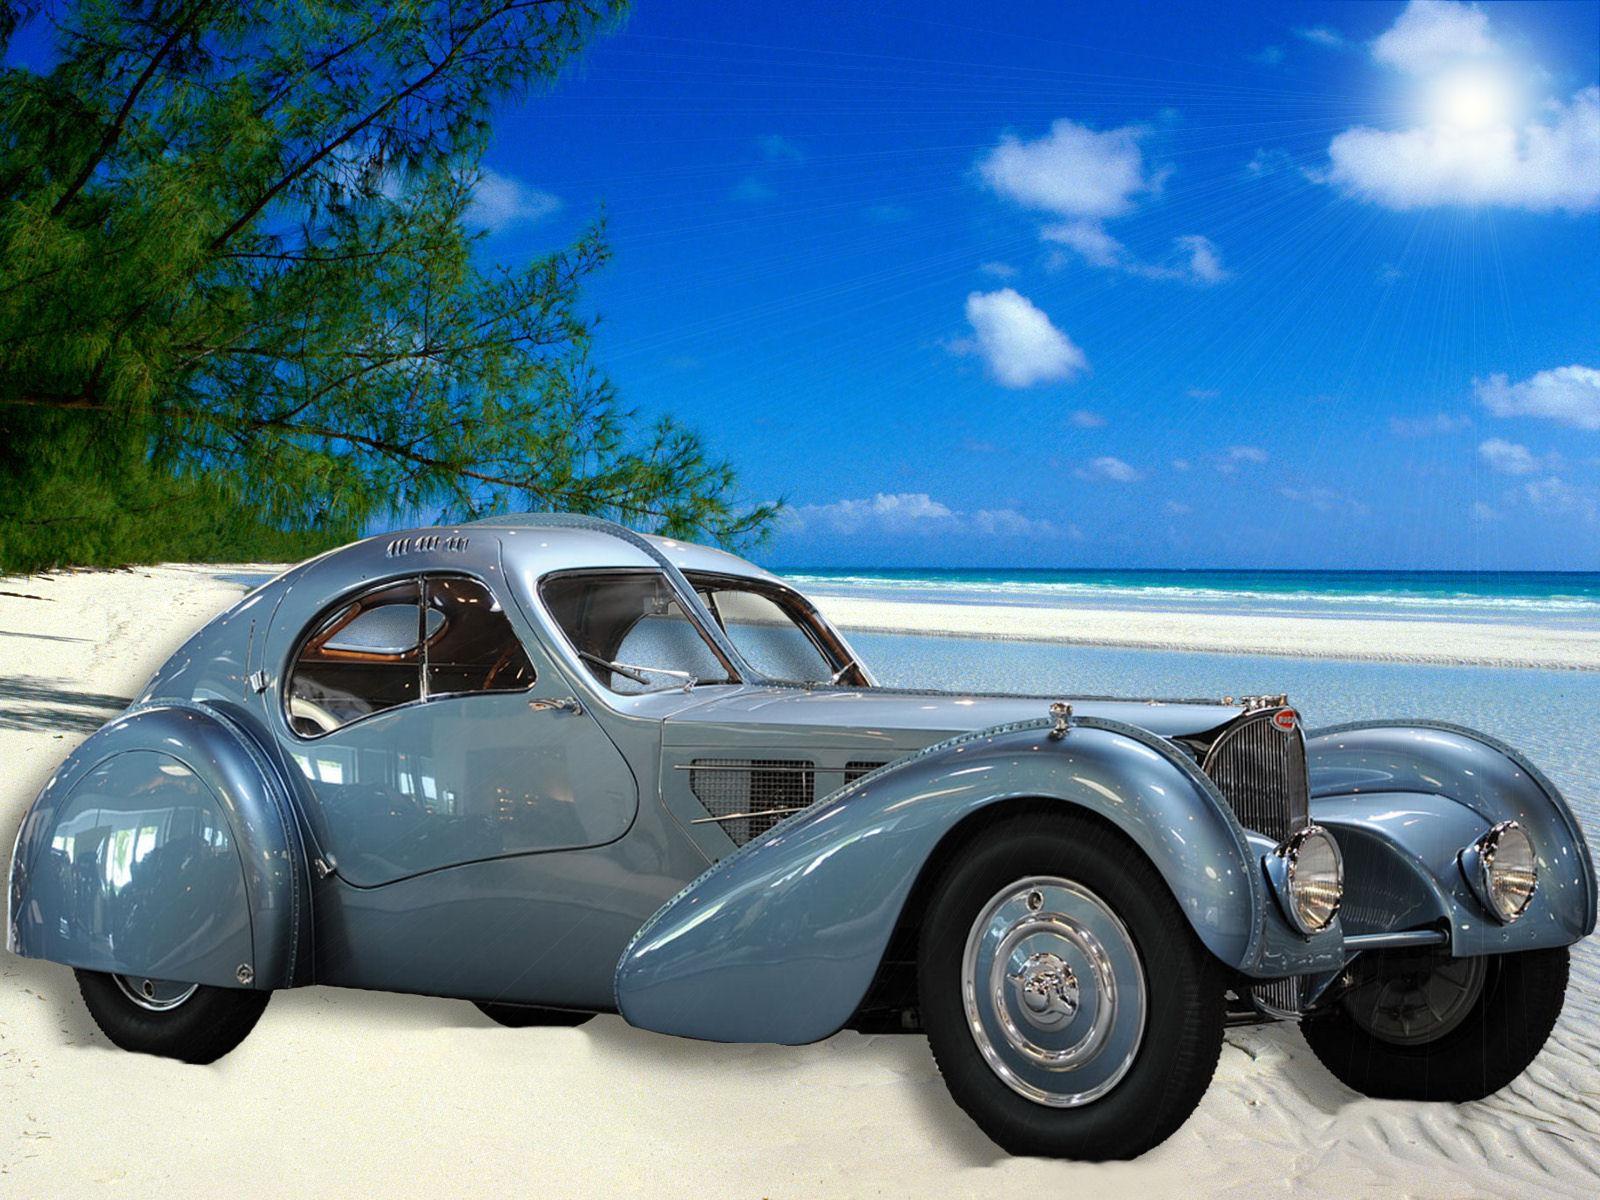 Auto Wallpapers Bugatti 57sc Atlantic 1936